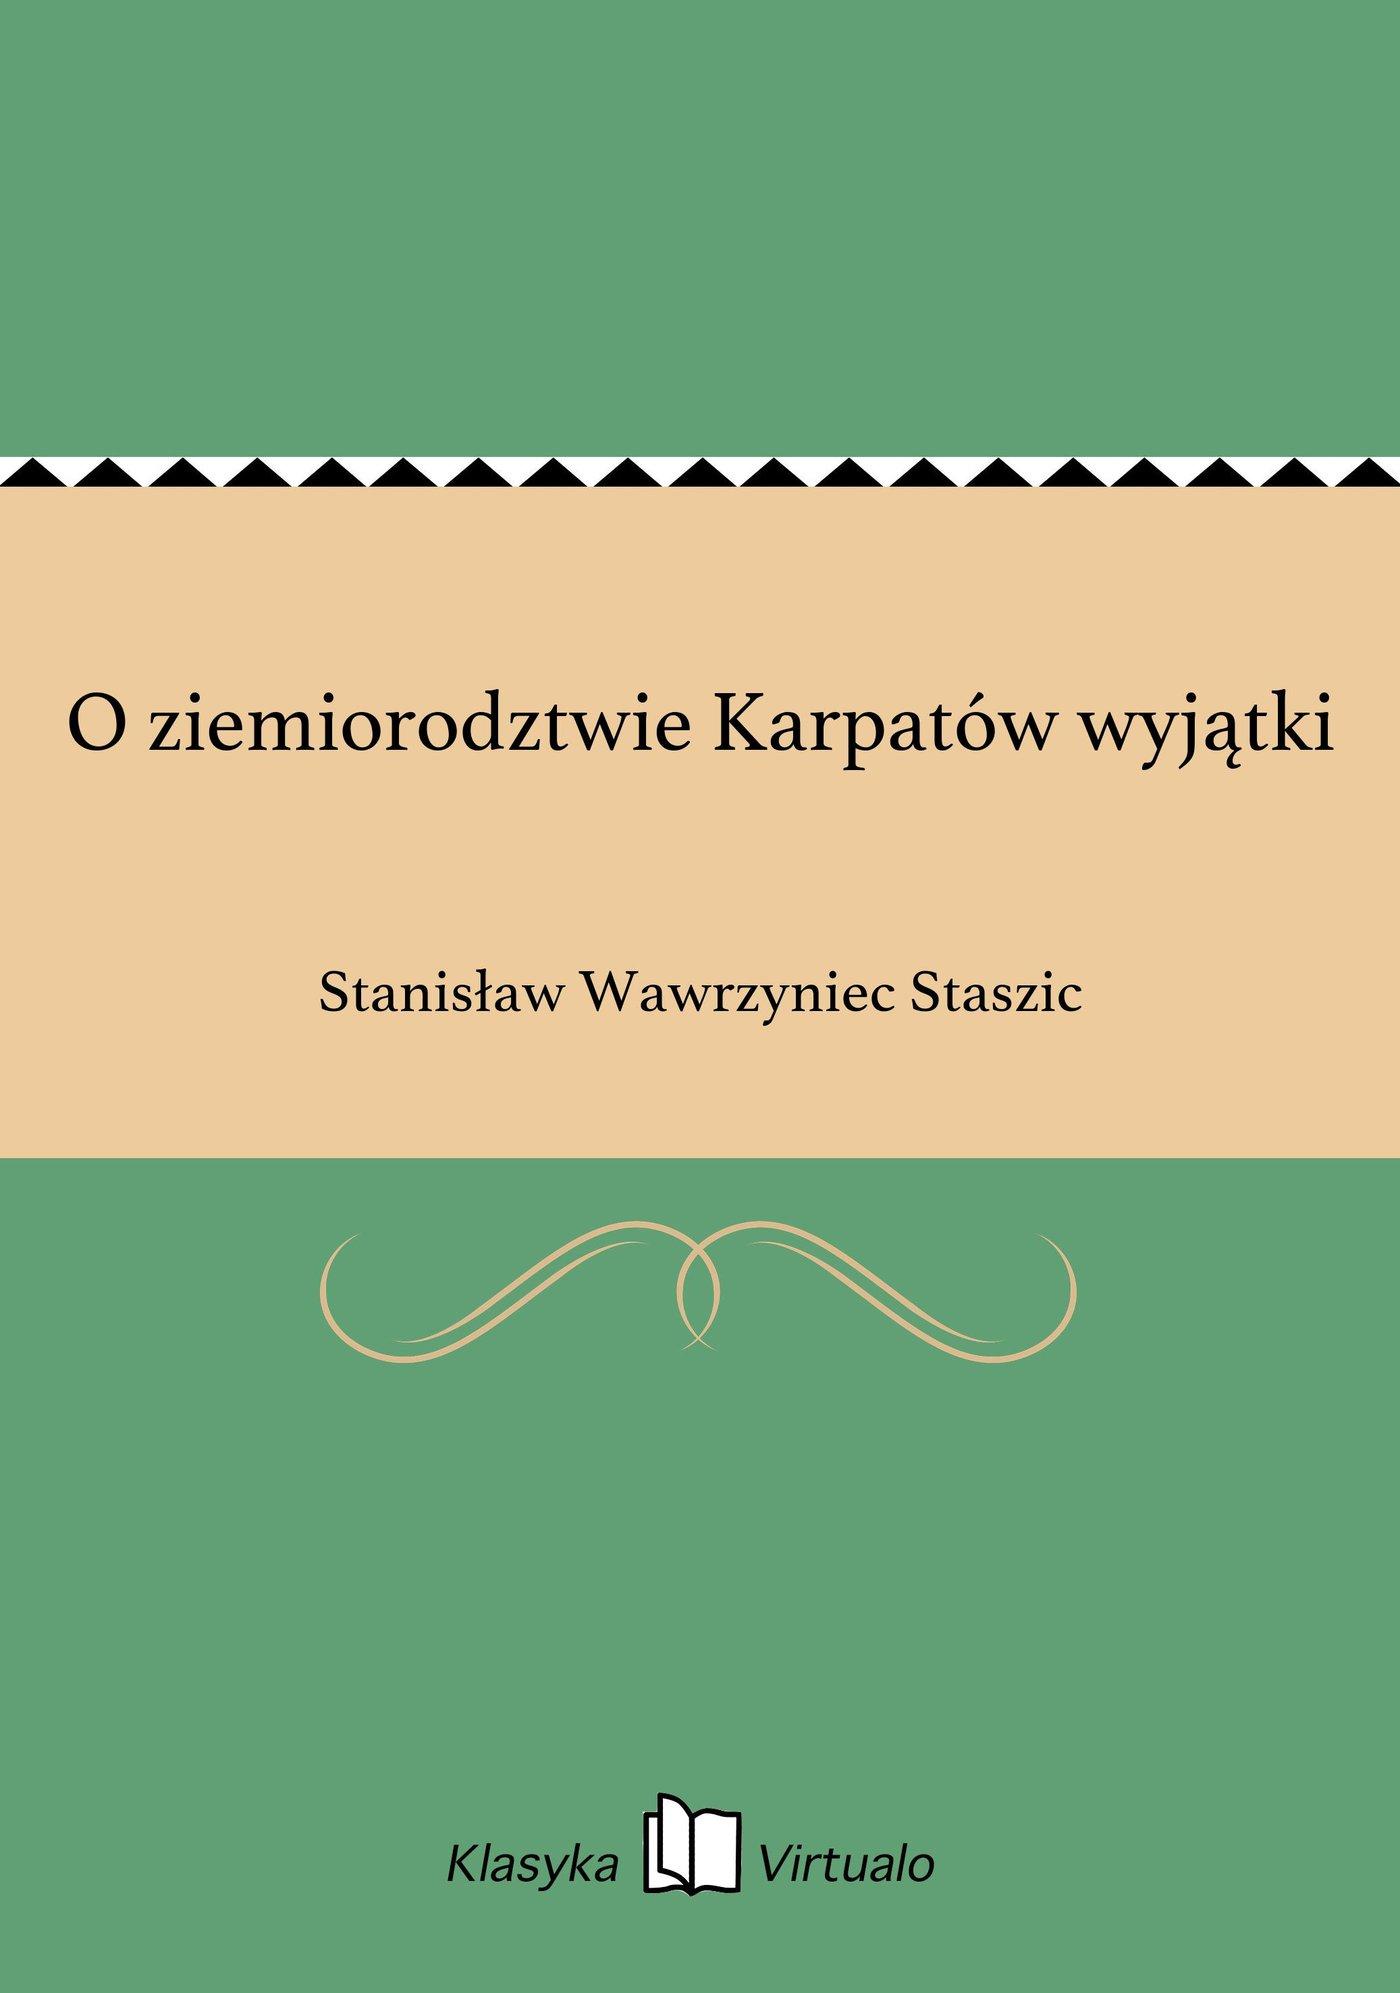 O ziemiorodztwie Karpatów wyjątki - Ebook (Książka EPUB) do pobrania w formacie EPUB